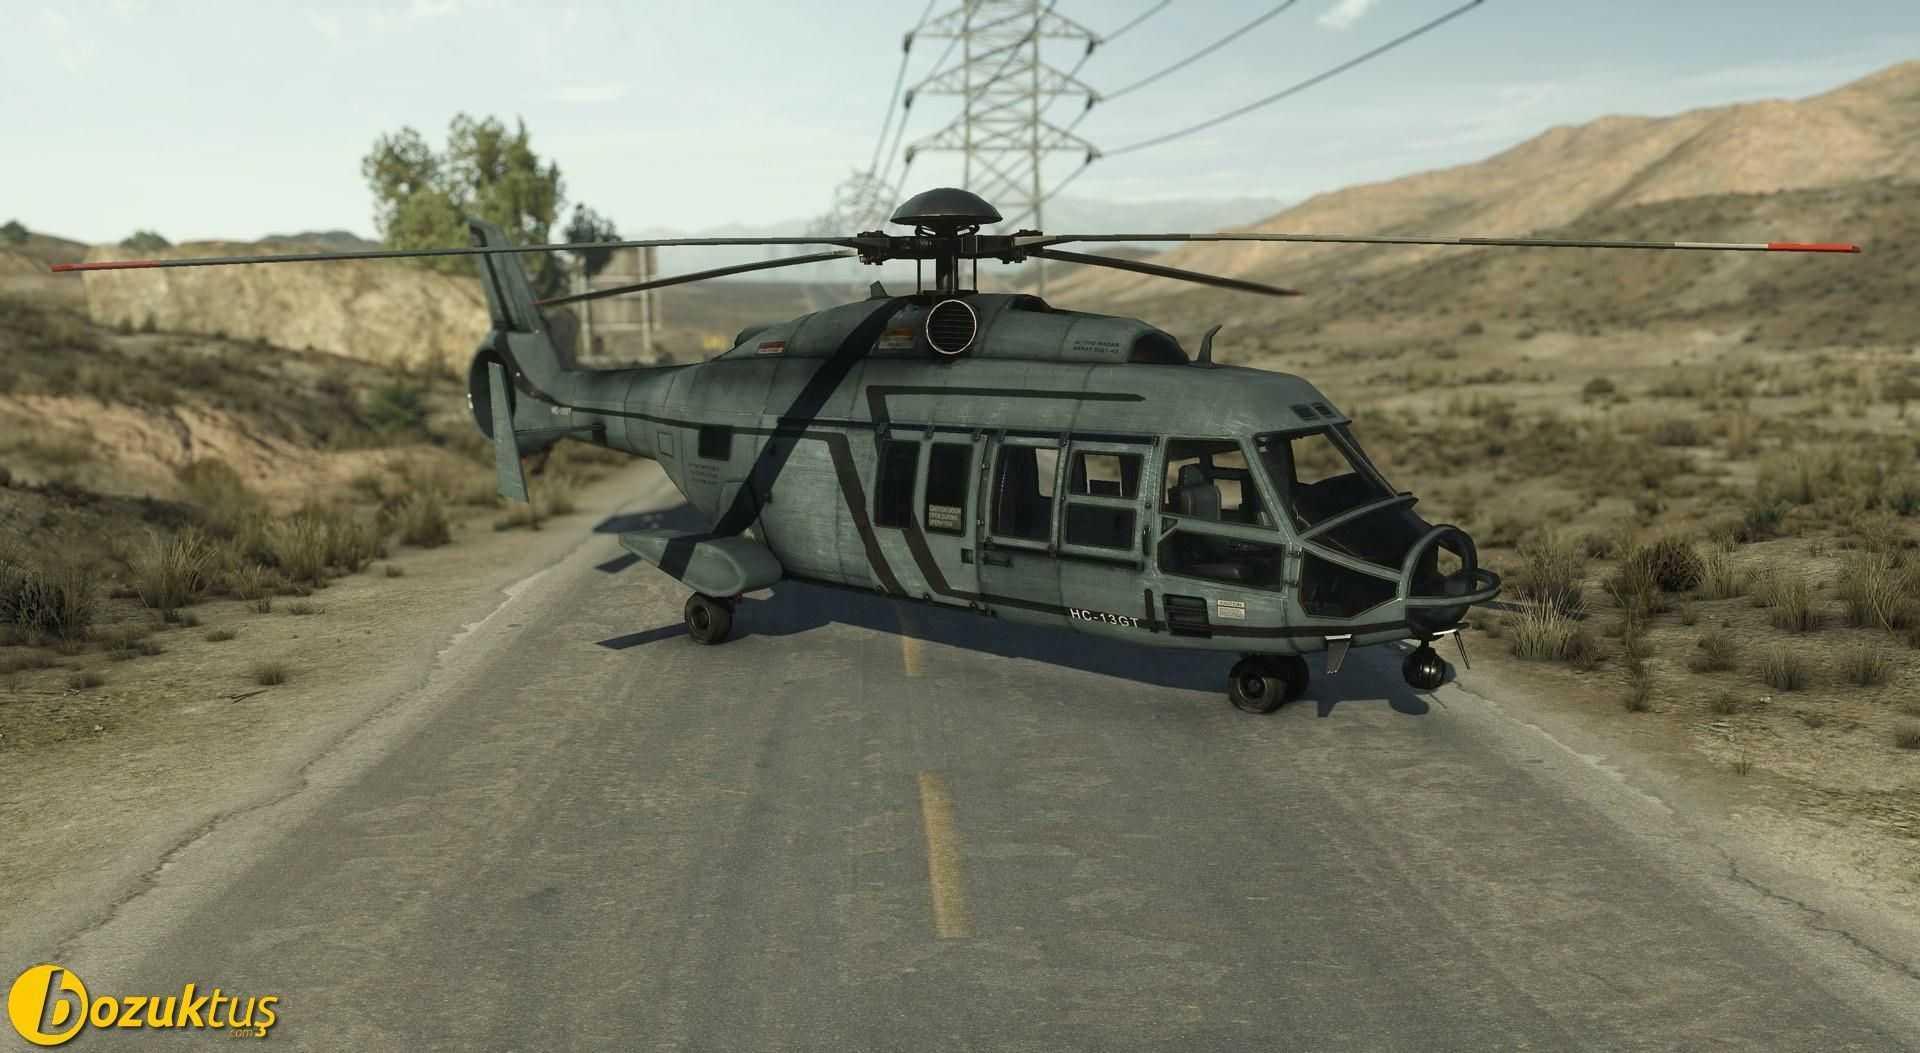 battlefield-hardline-hırsız-helikopter-2